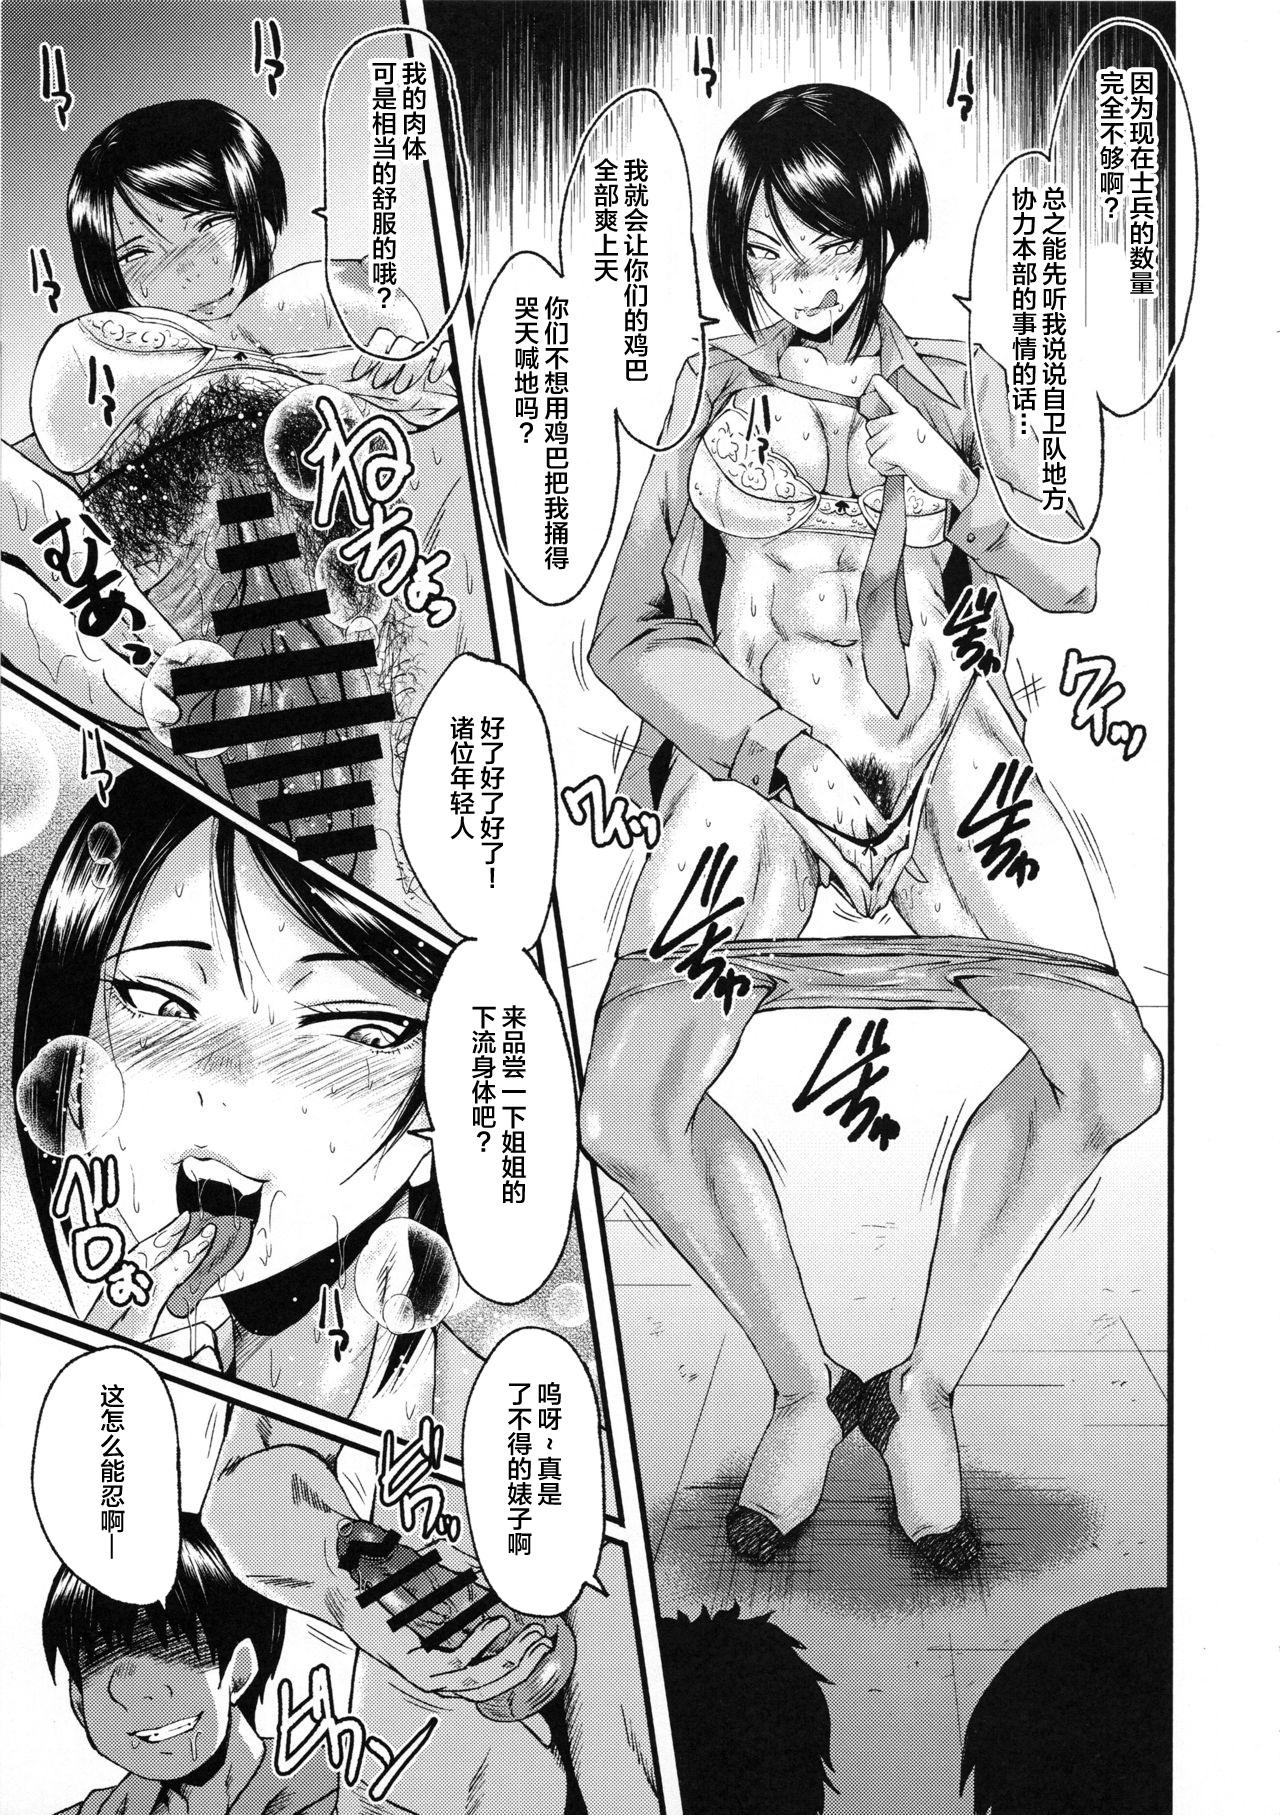 Urabambi Vol. 59 Ichii wa Seiteki ni Ijimeraretai 5